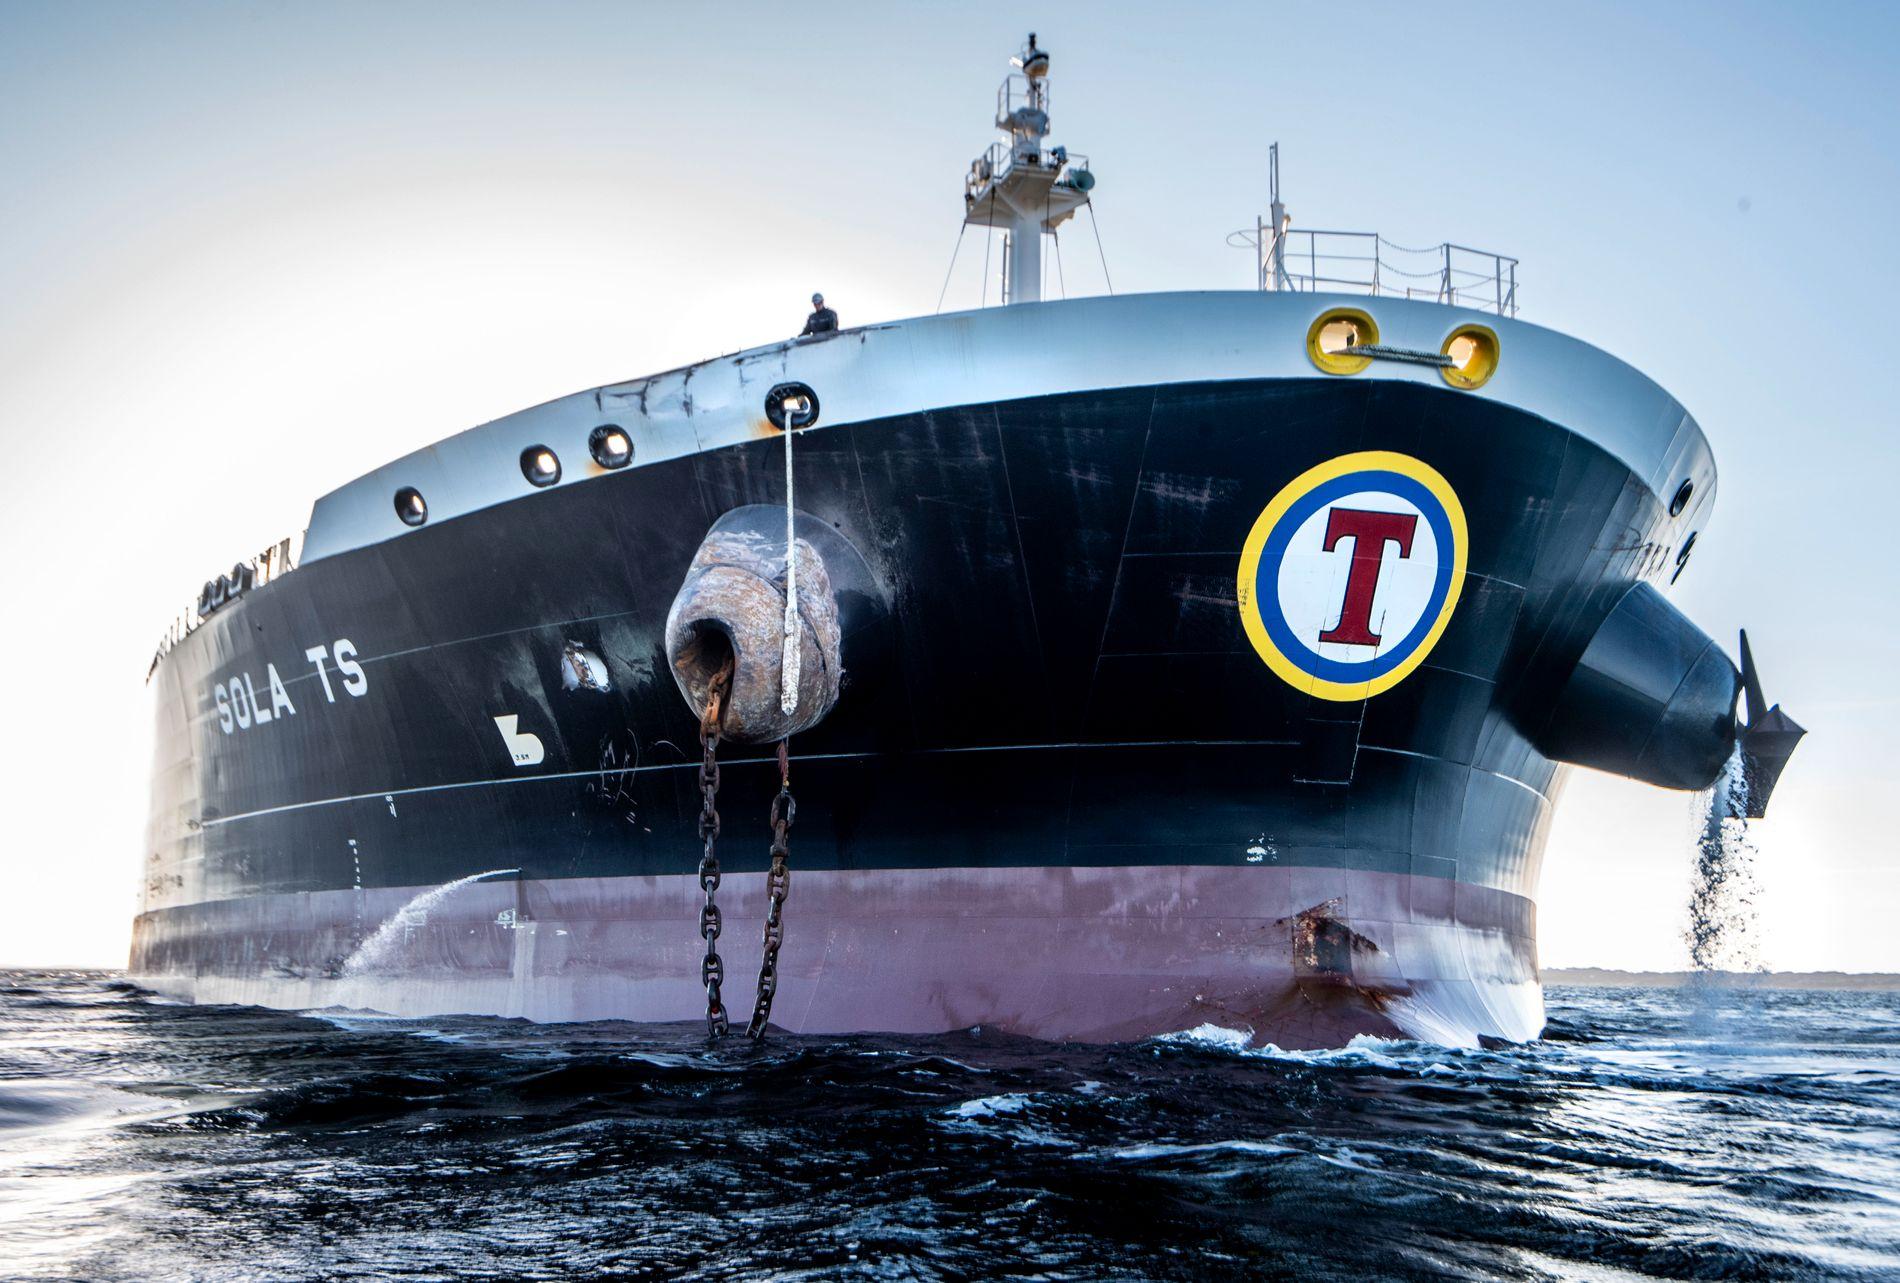 KOLLISJON: «Helge Ingstad» kjørte rett inn dette tankskipet.